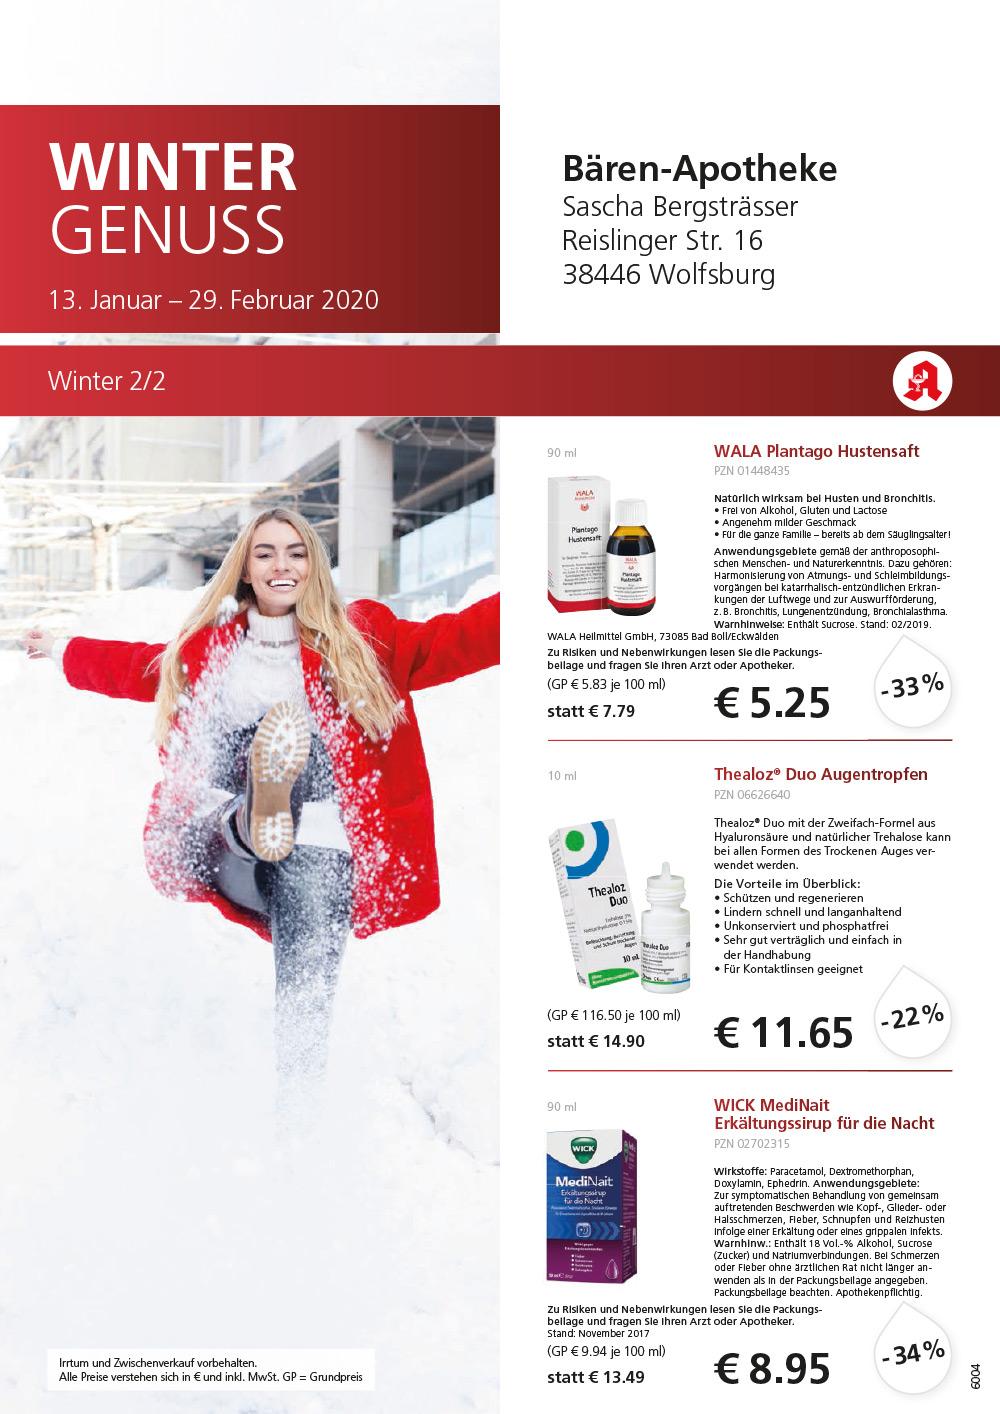 http://www.apotheken.de/fileadmin/clubarea/00000-Angebote/38446_9109_baeren_angebot_1.jpg